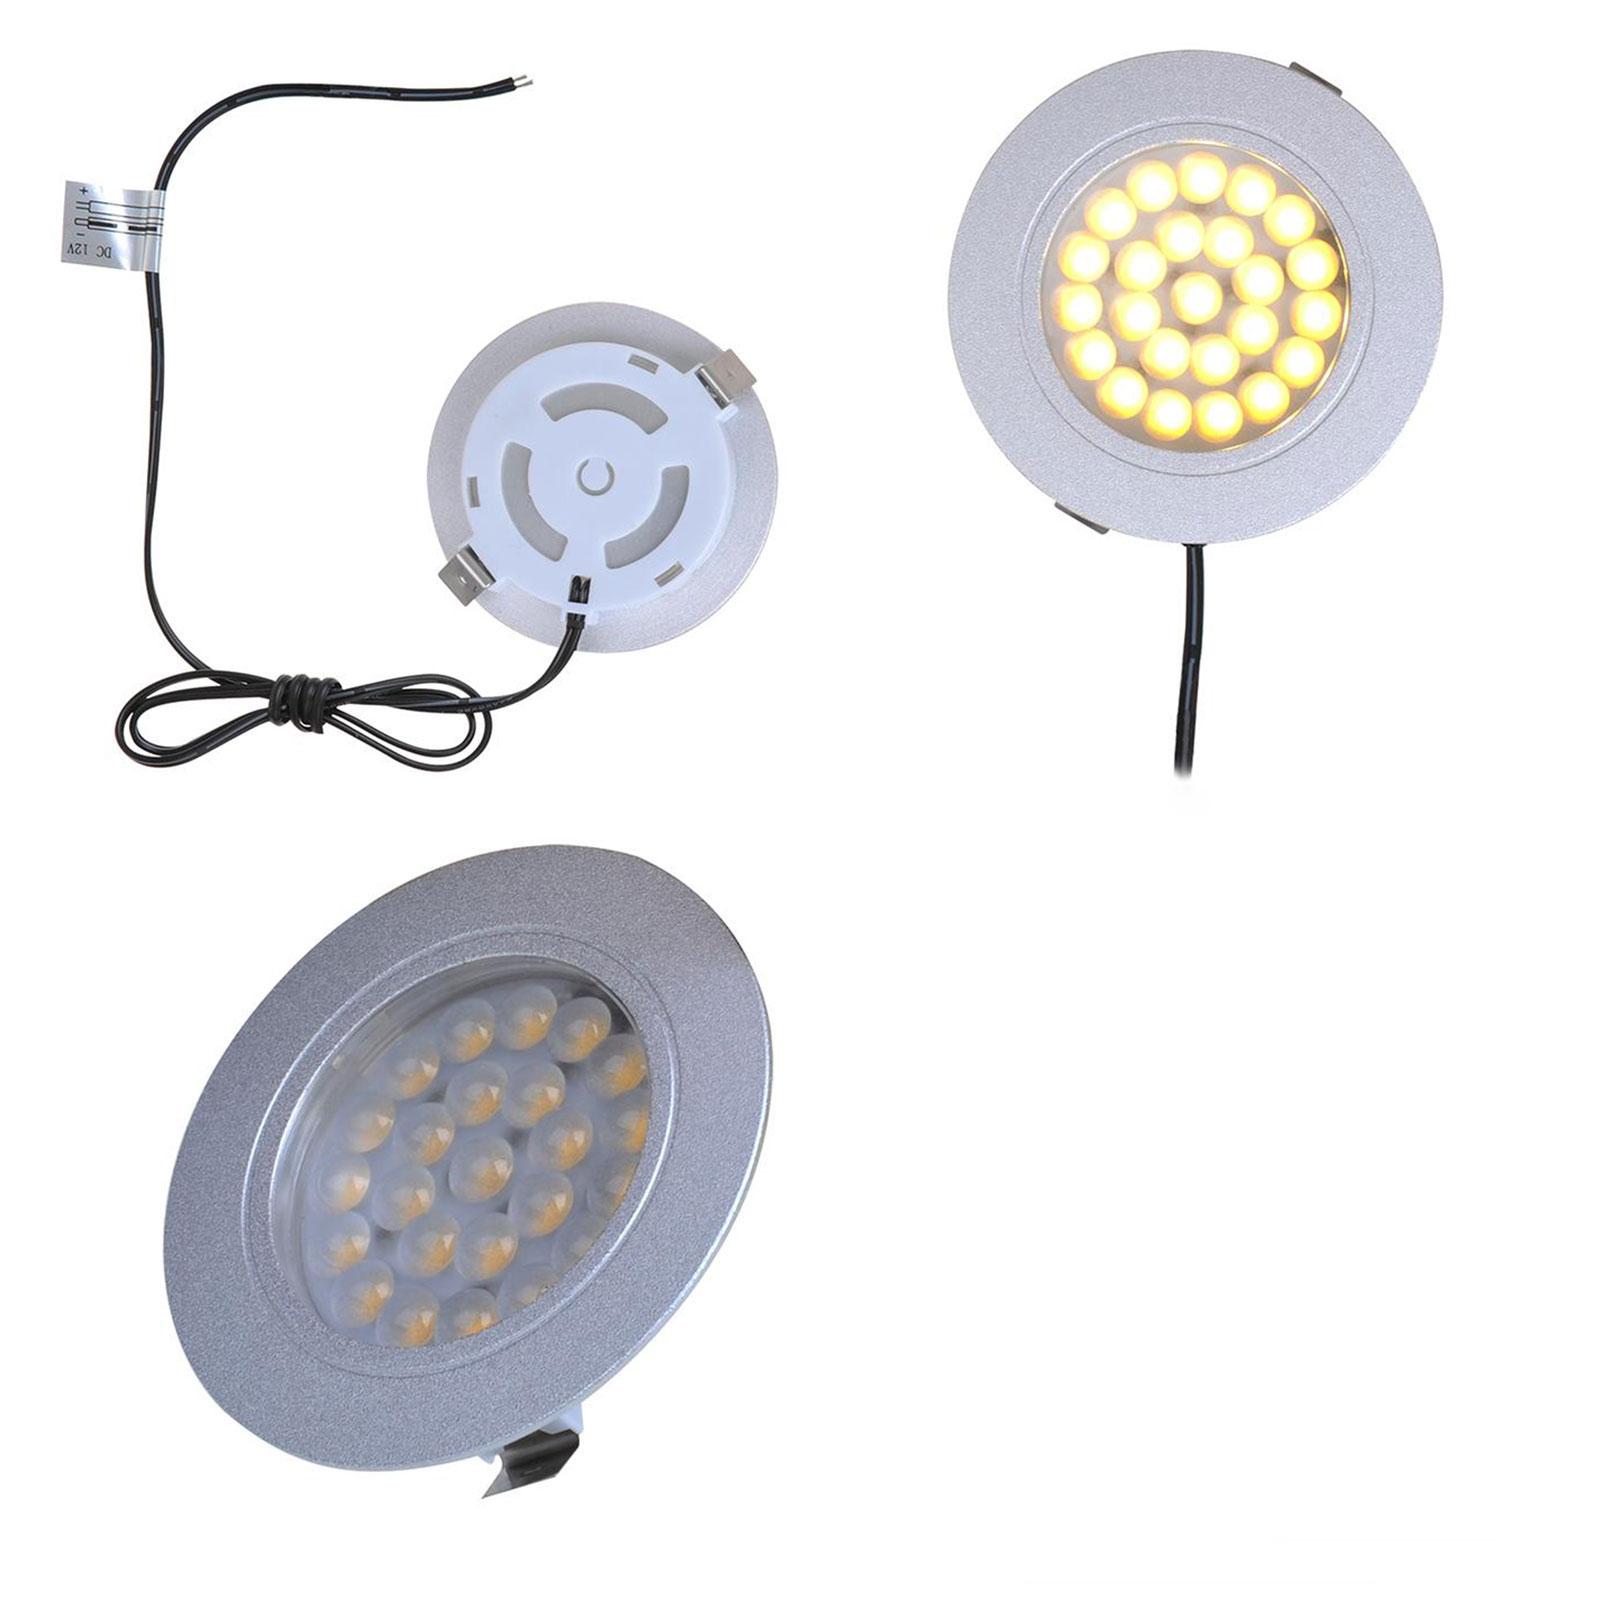 Einbauspot 24 LED-Deckenleuchte 12v, 220lm, Ø65x11mm